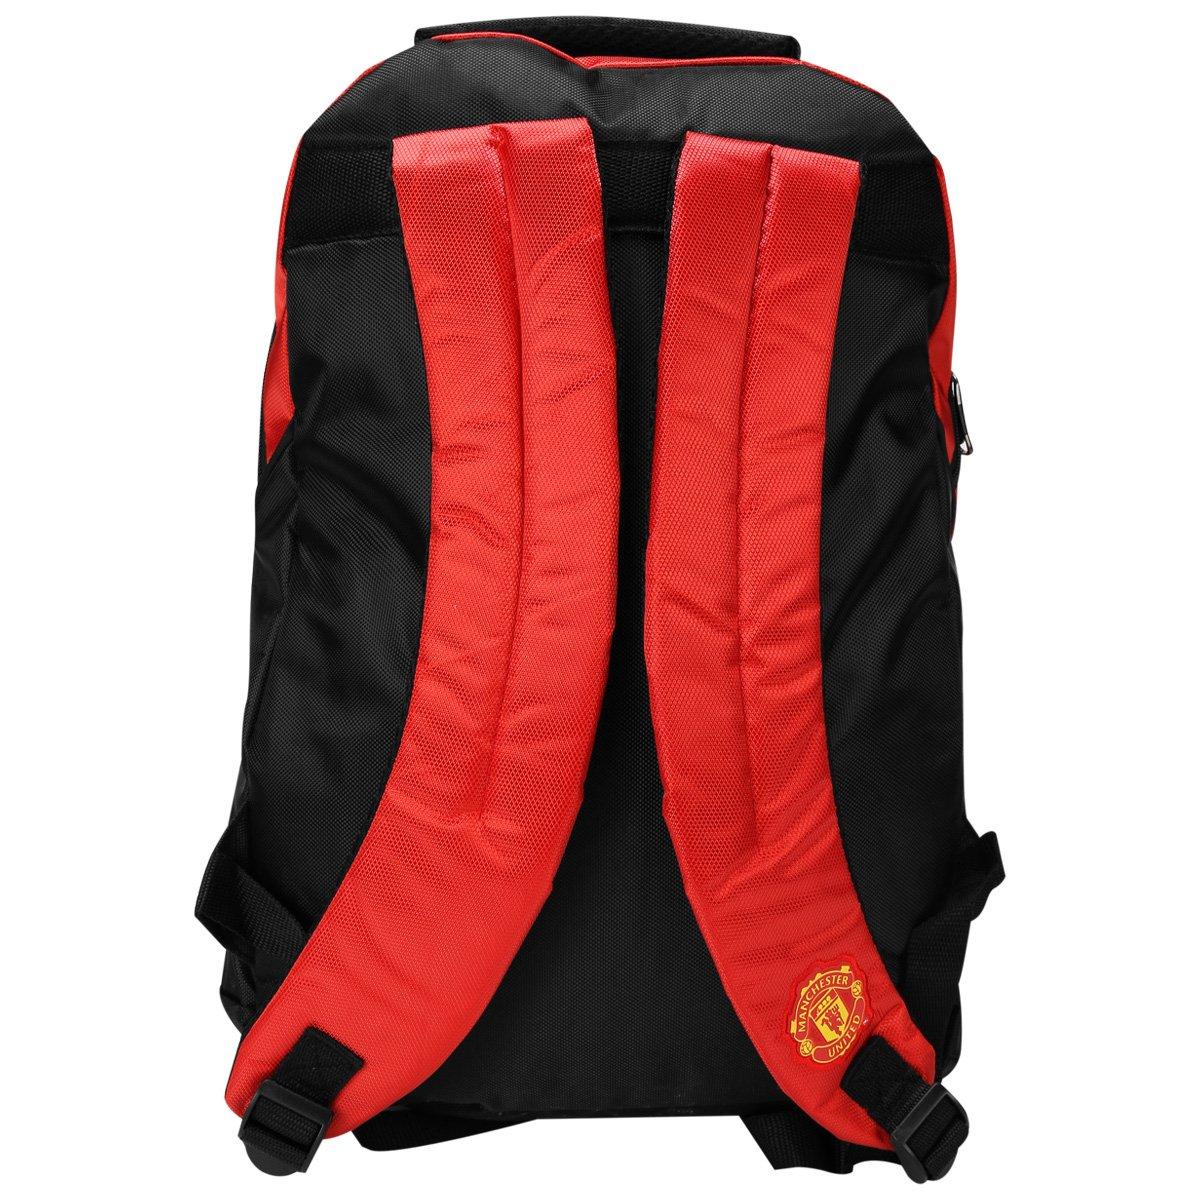 Mochila Manchester United - Compre Agora  e08e2a1f4847e